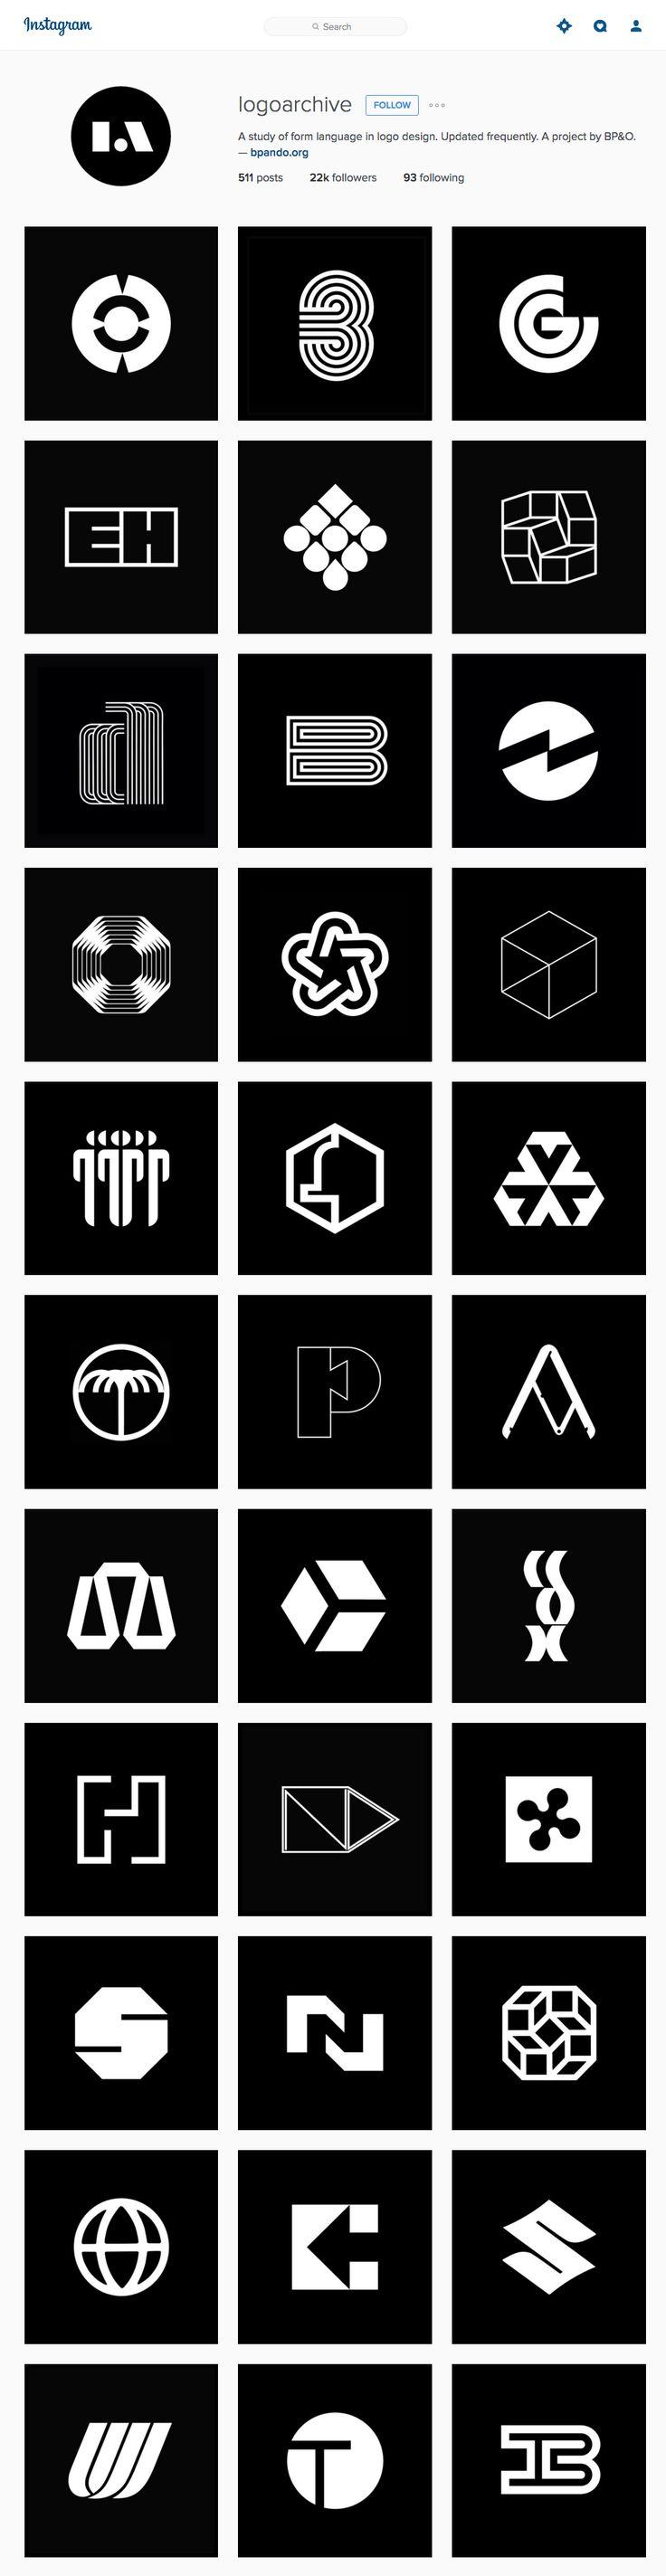 Les recomiendo ampliamente que sigan la cuenta de Instagram de Logoarchive, un proyecto curado por el diseñador inglés Richard Baird del sitio BP&O donderescata los mejoresisotipos y monogramas del siglo XXI de una manera muy limpia y ordenada.Algo que